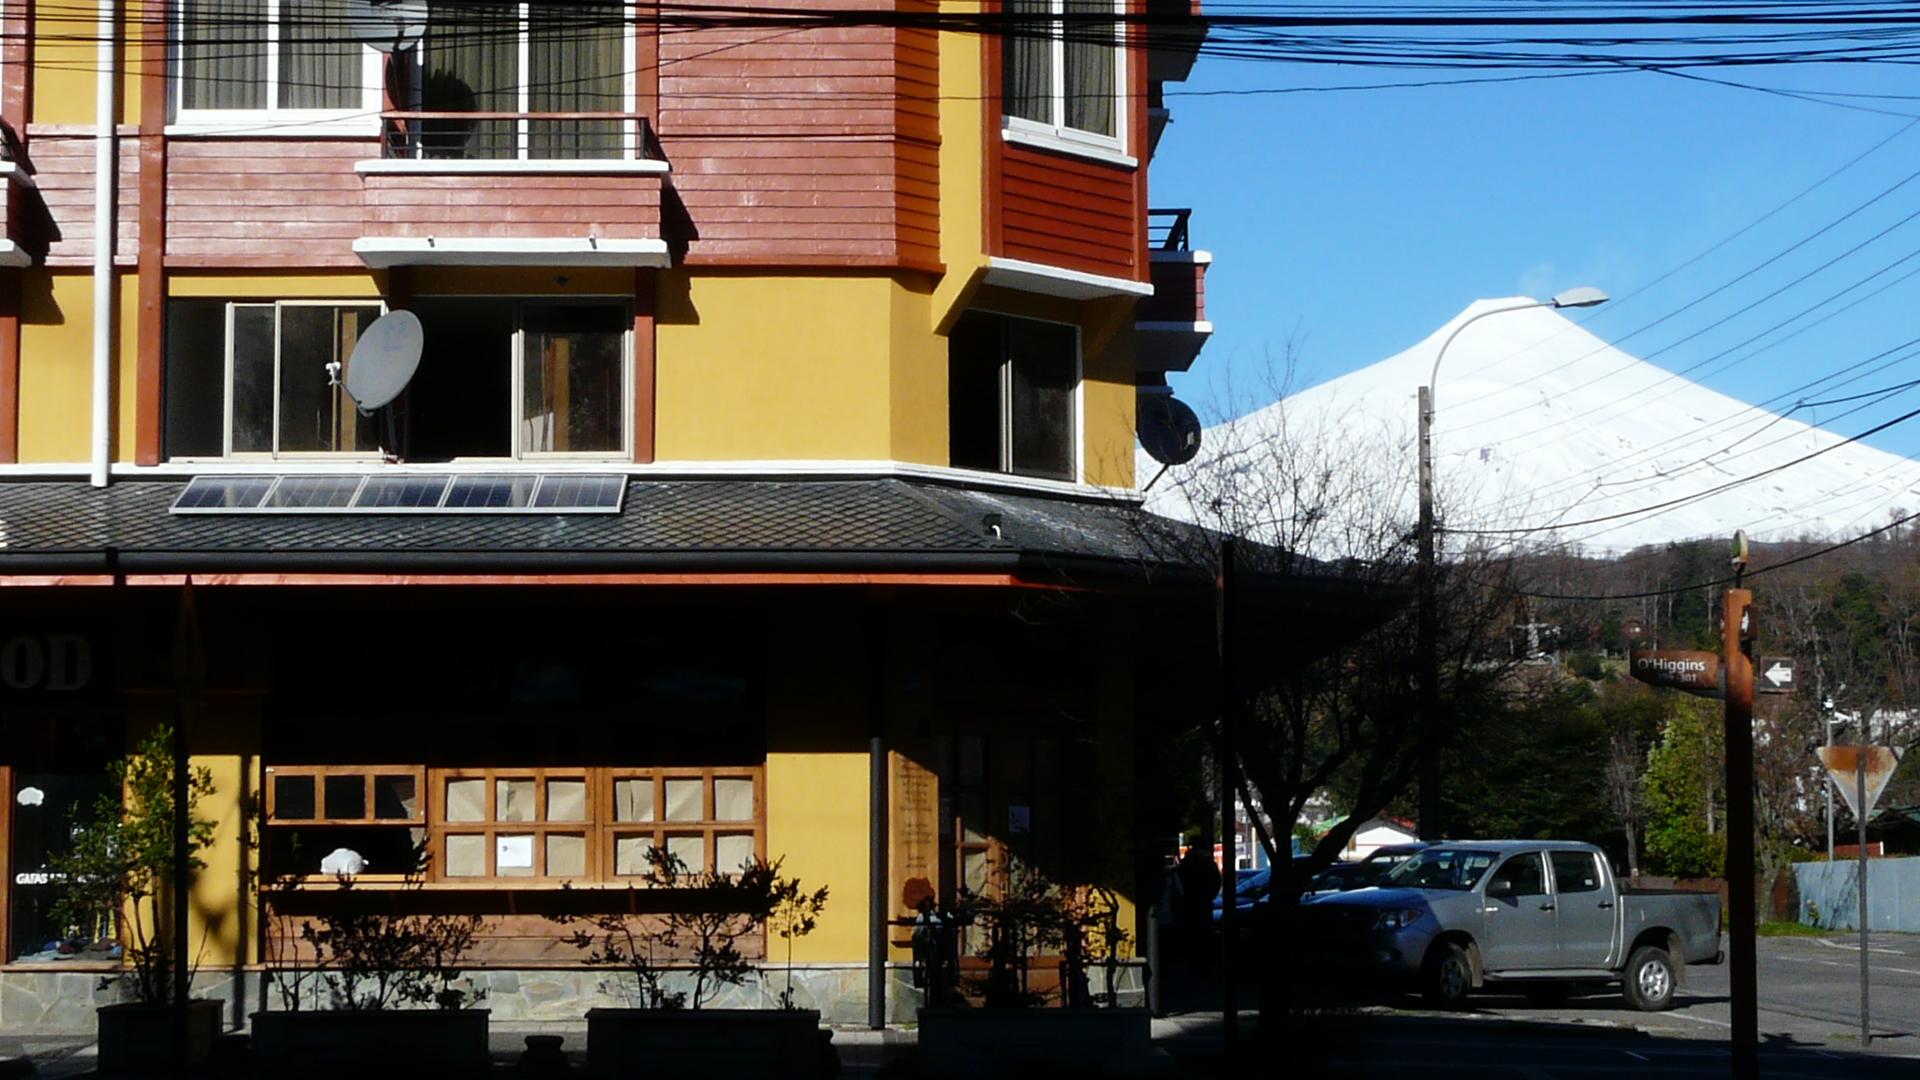 Restaurant Trawen en Pucón apuesta por la energía solar fotovoltaica.